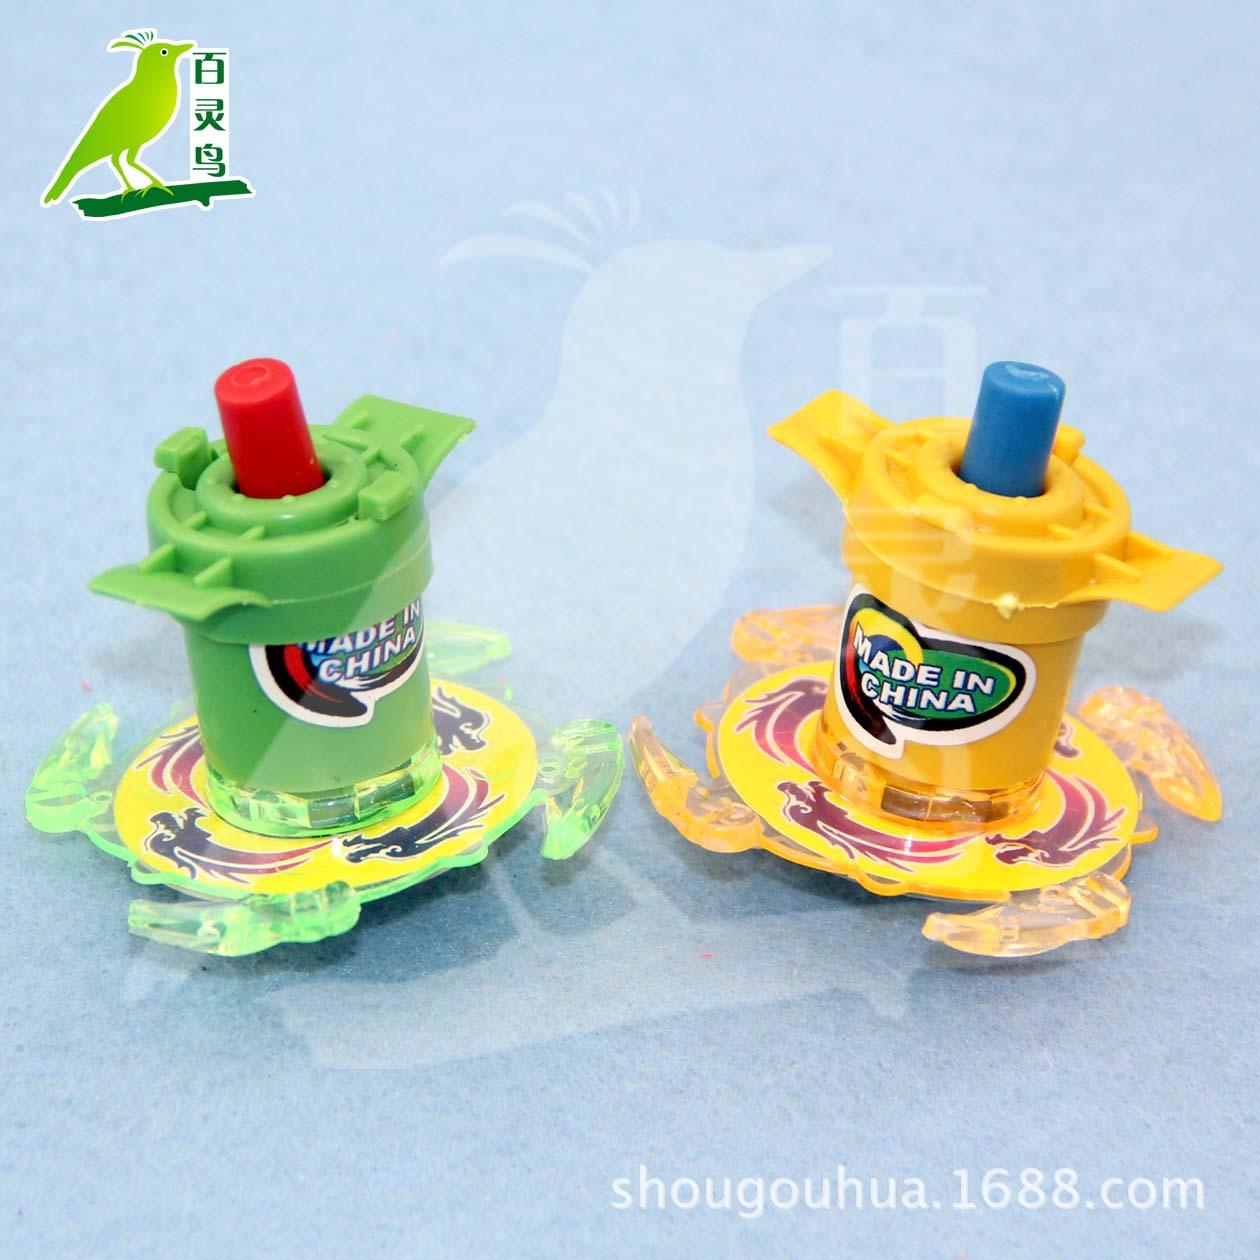 儿童小玩具 上链地转 扭力地转 新奇小玩具 1元以下玩具